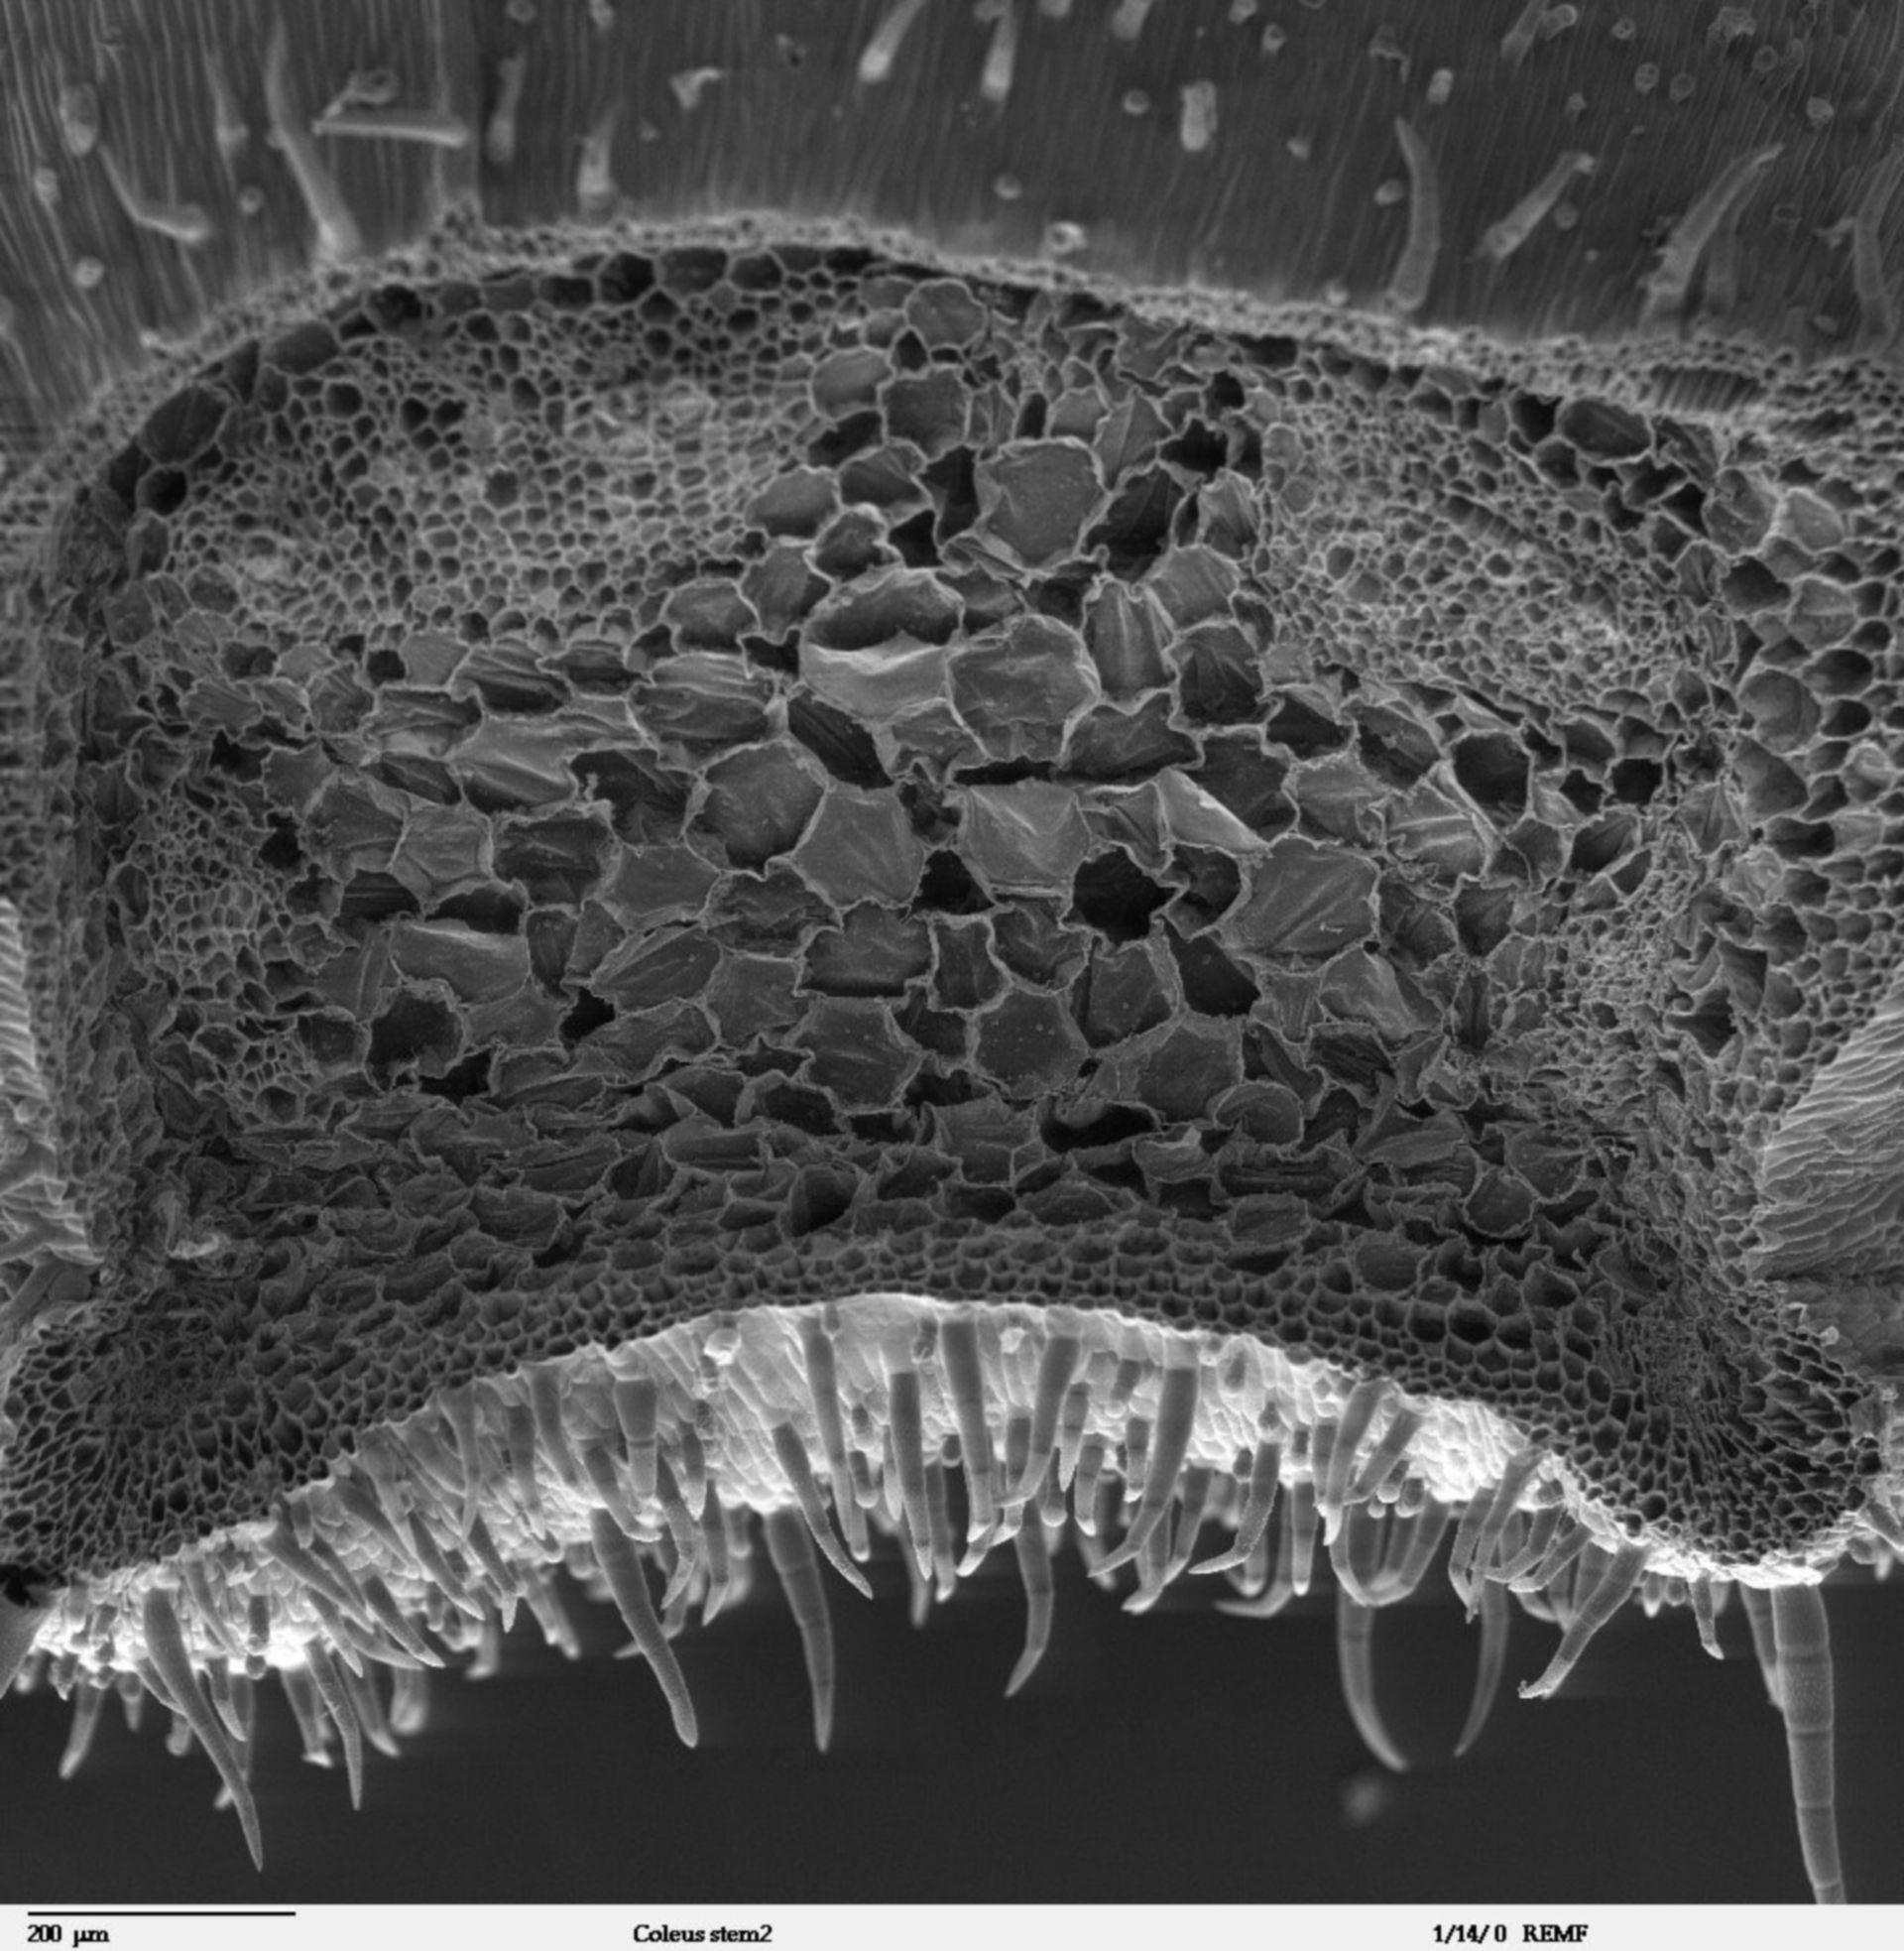 Solenostemon scutellarioides (Cortex) - CIL:40378